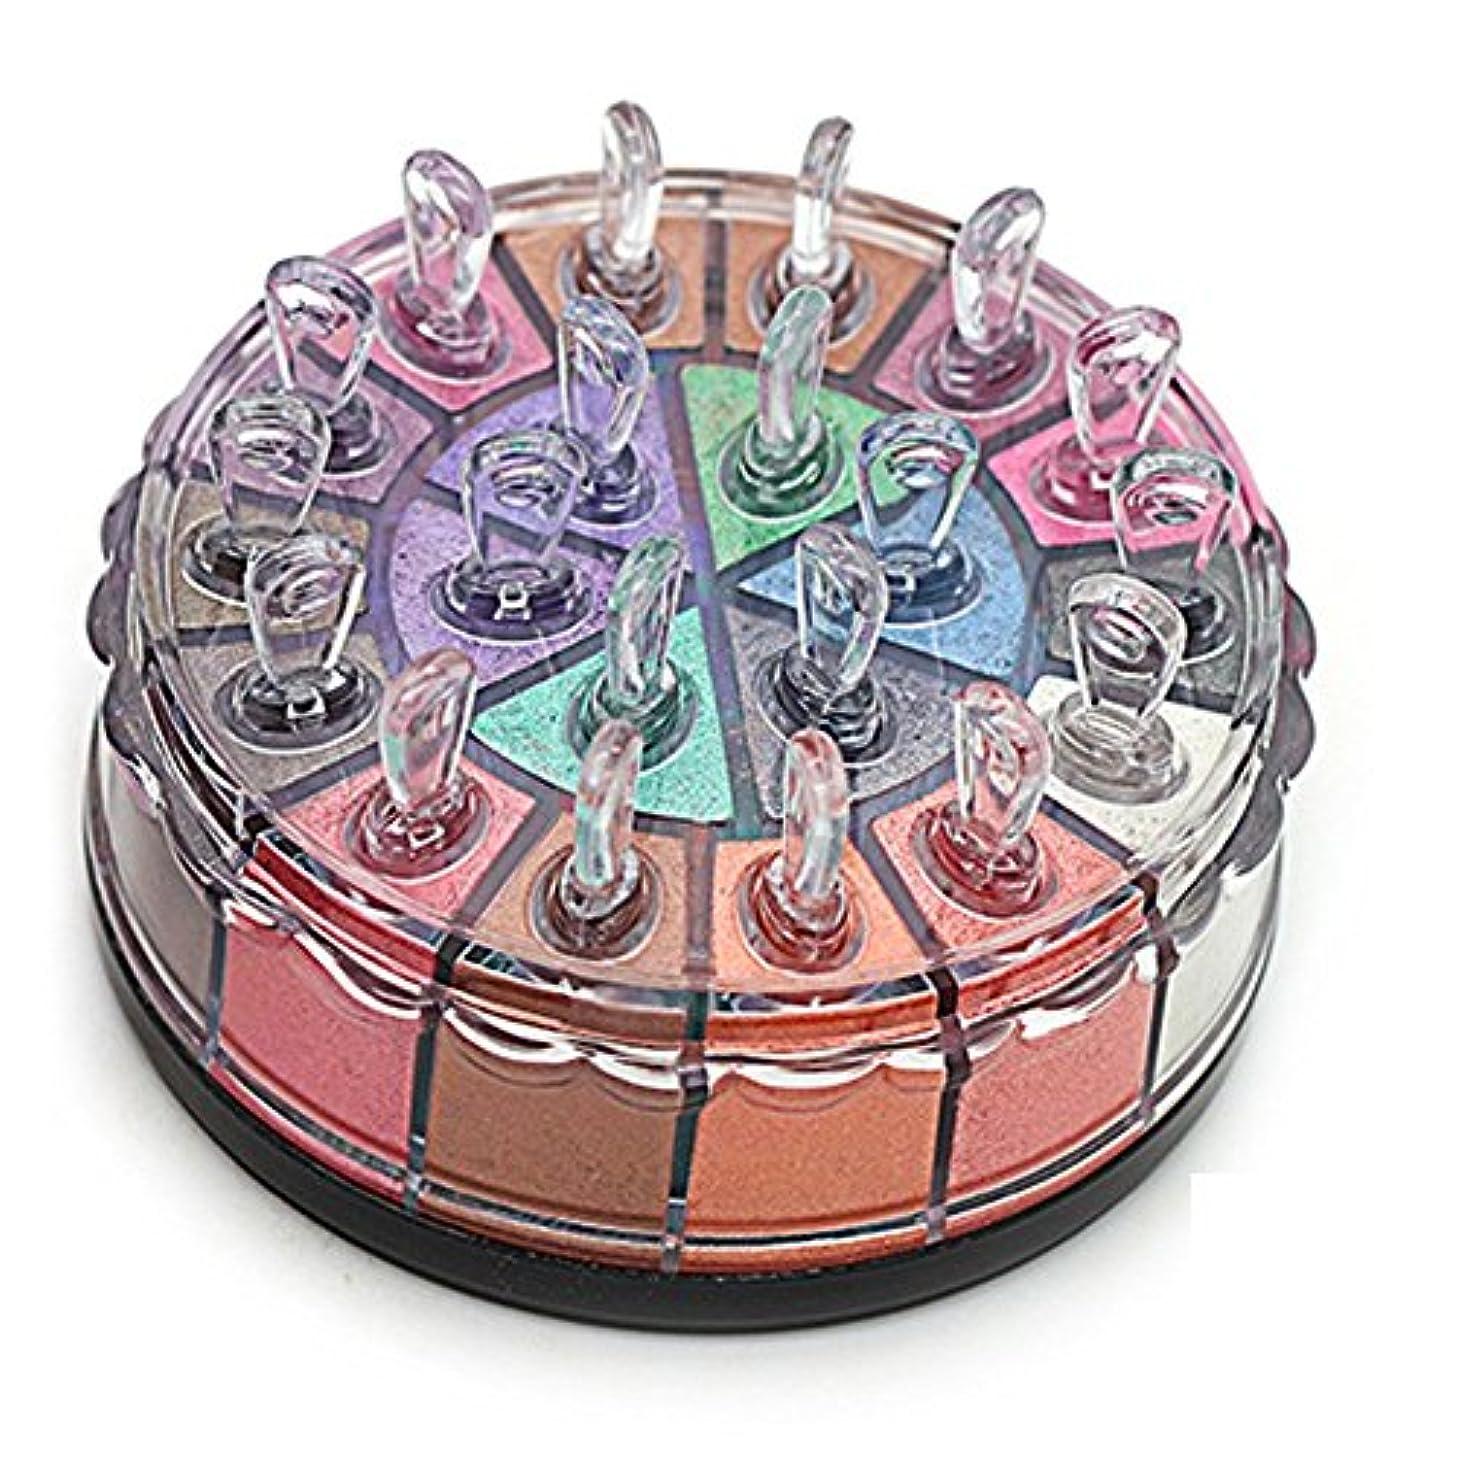 ぐったり気取らない原始的なMatte Eyeshadow YOKINO アイシャドー パレット 化粧筆 専門化粧 人気 イシャドウ 20色 (2#)